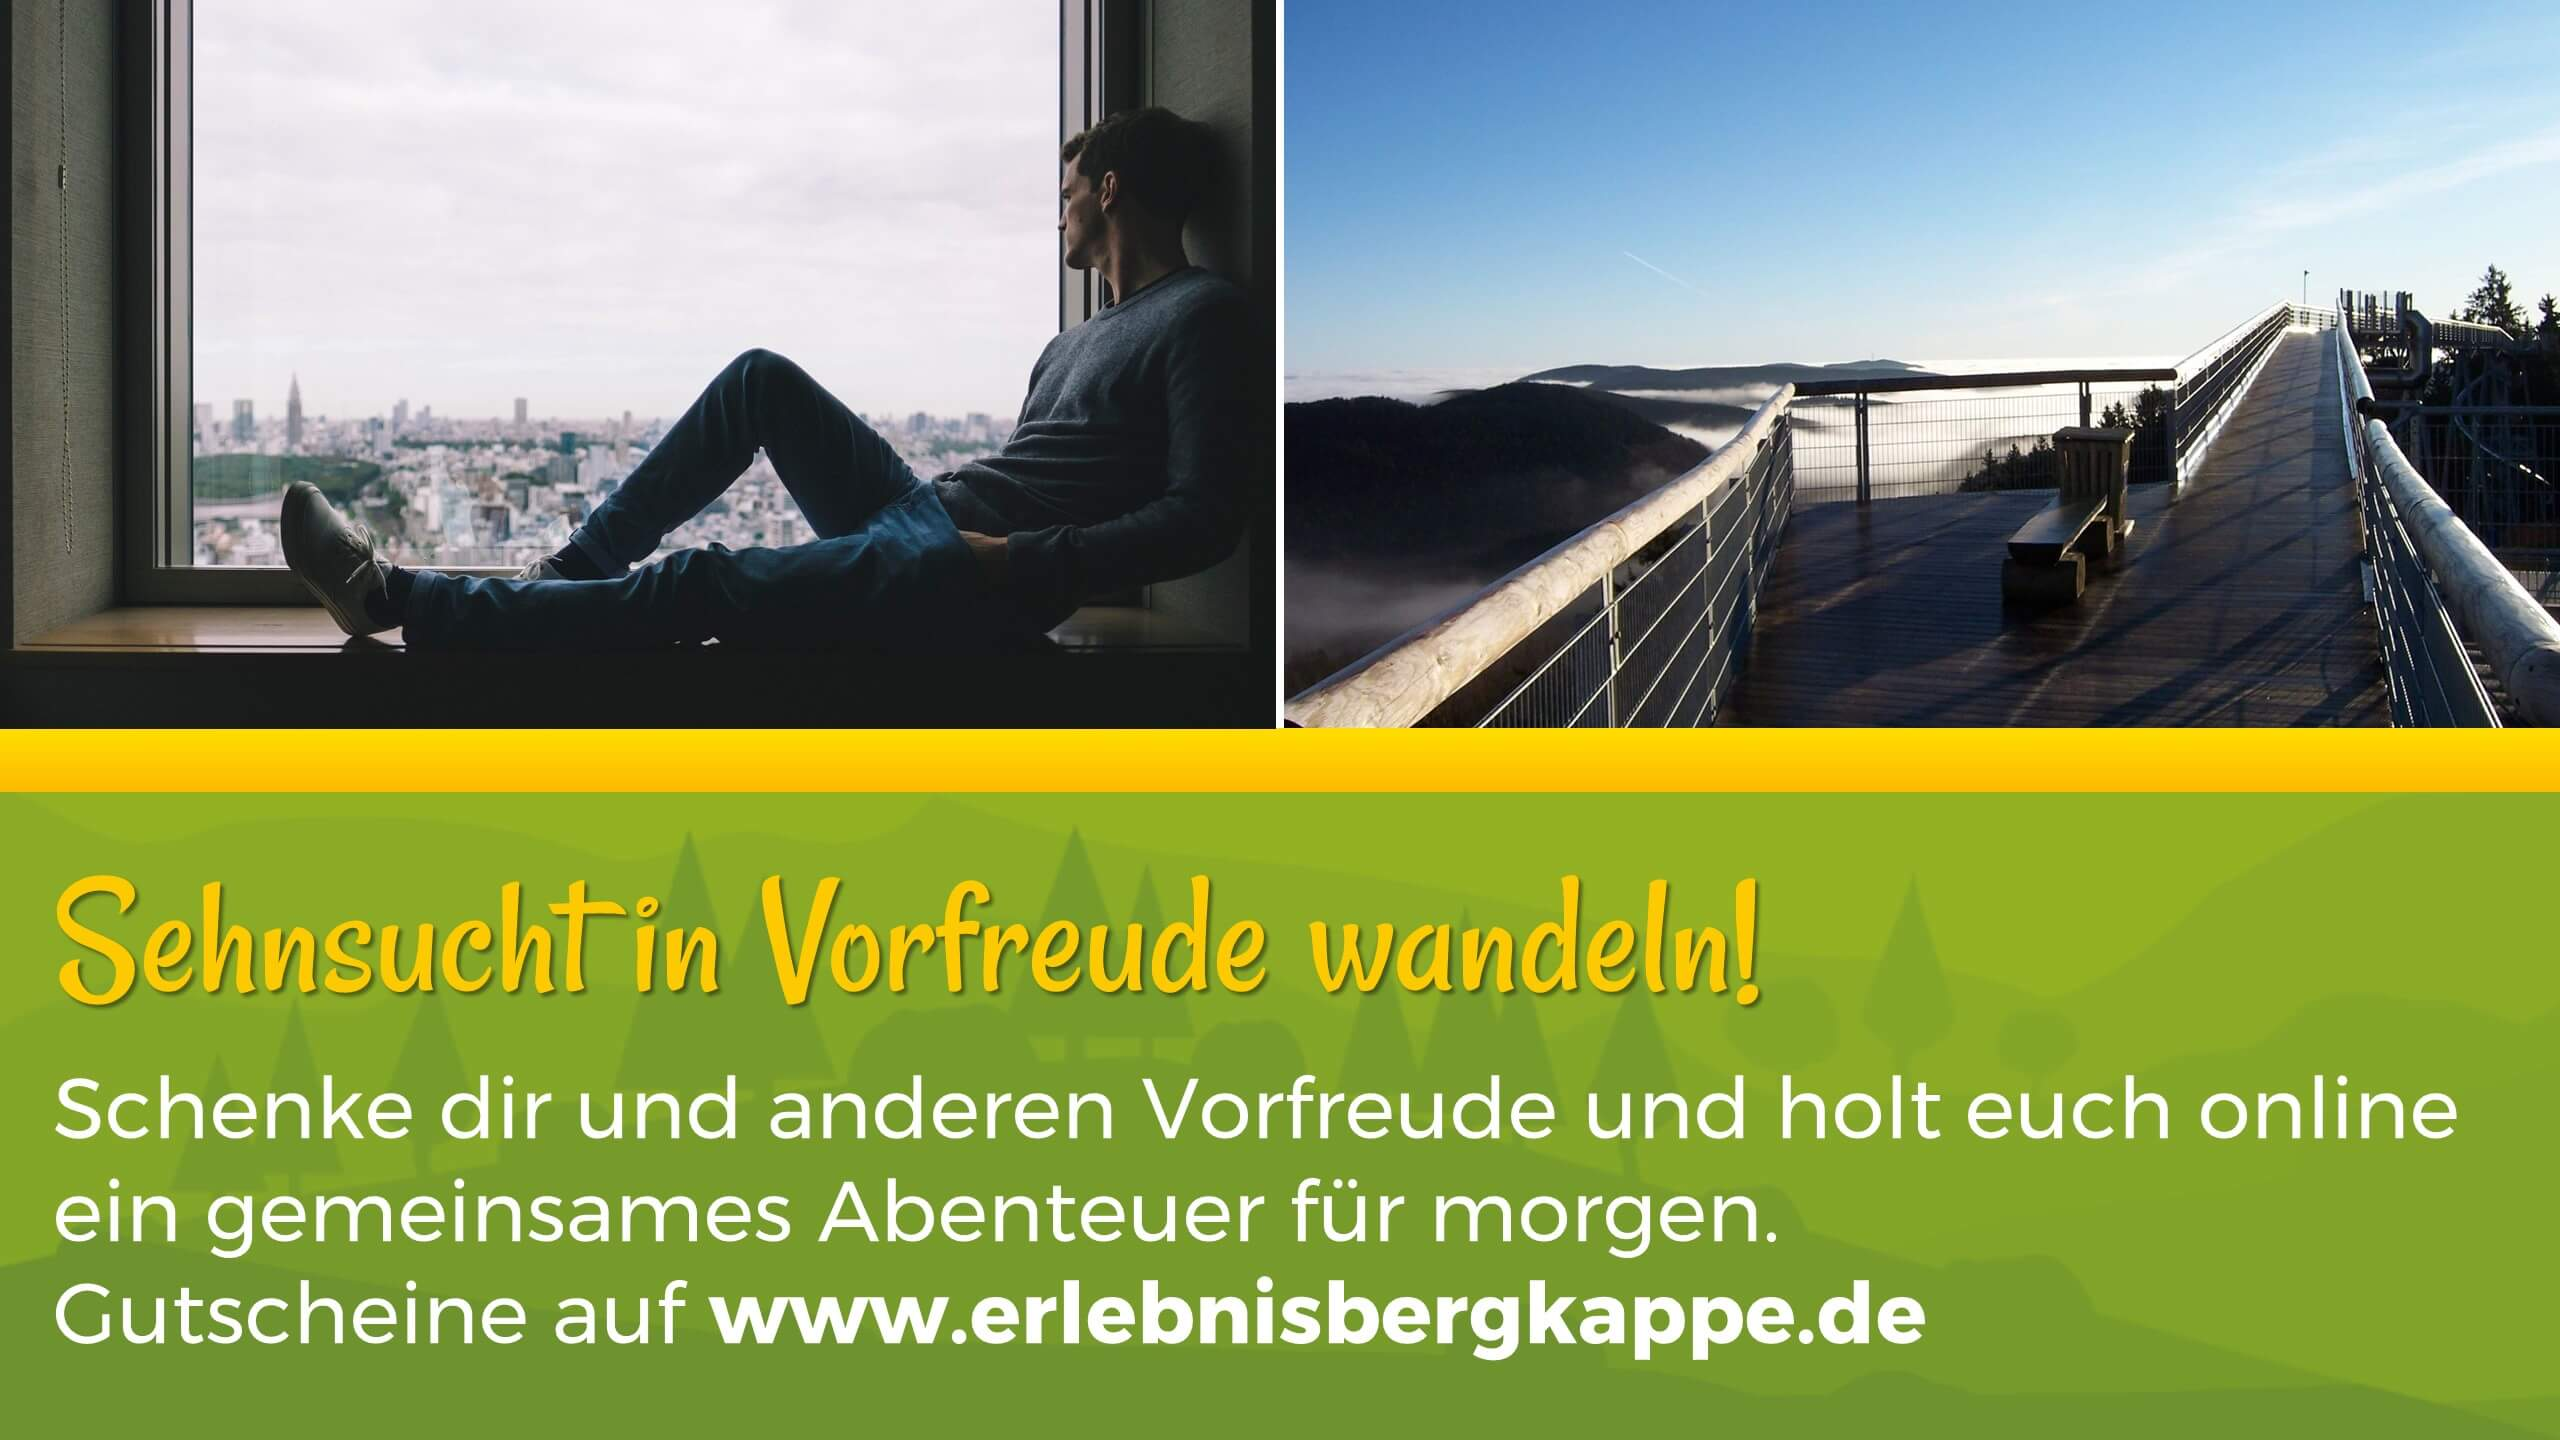 Gutscheine Erlebnisberg Kappe Winterberg (8)